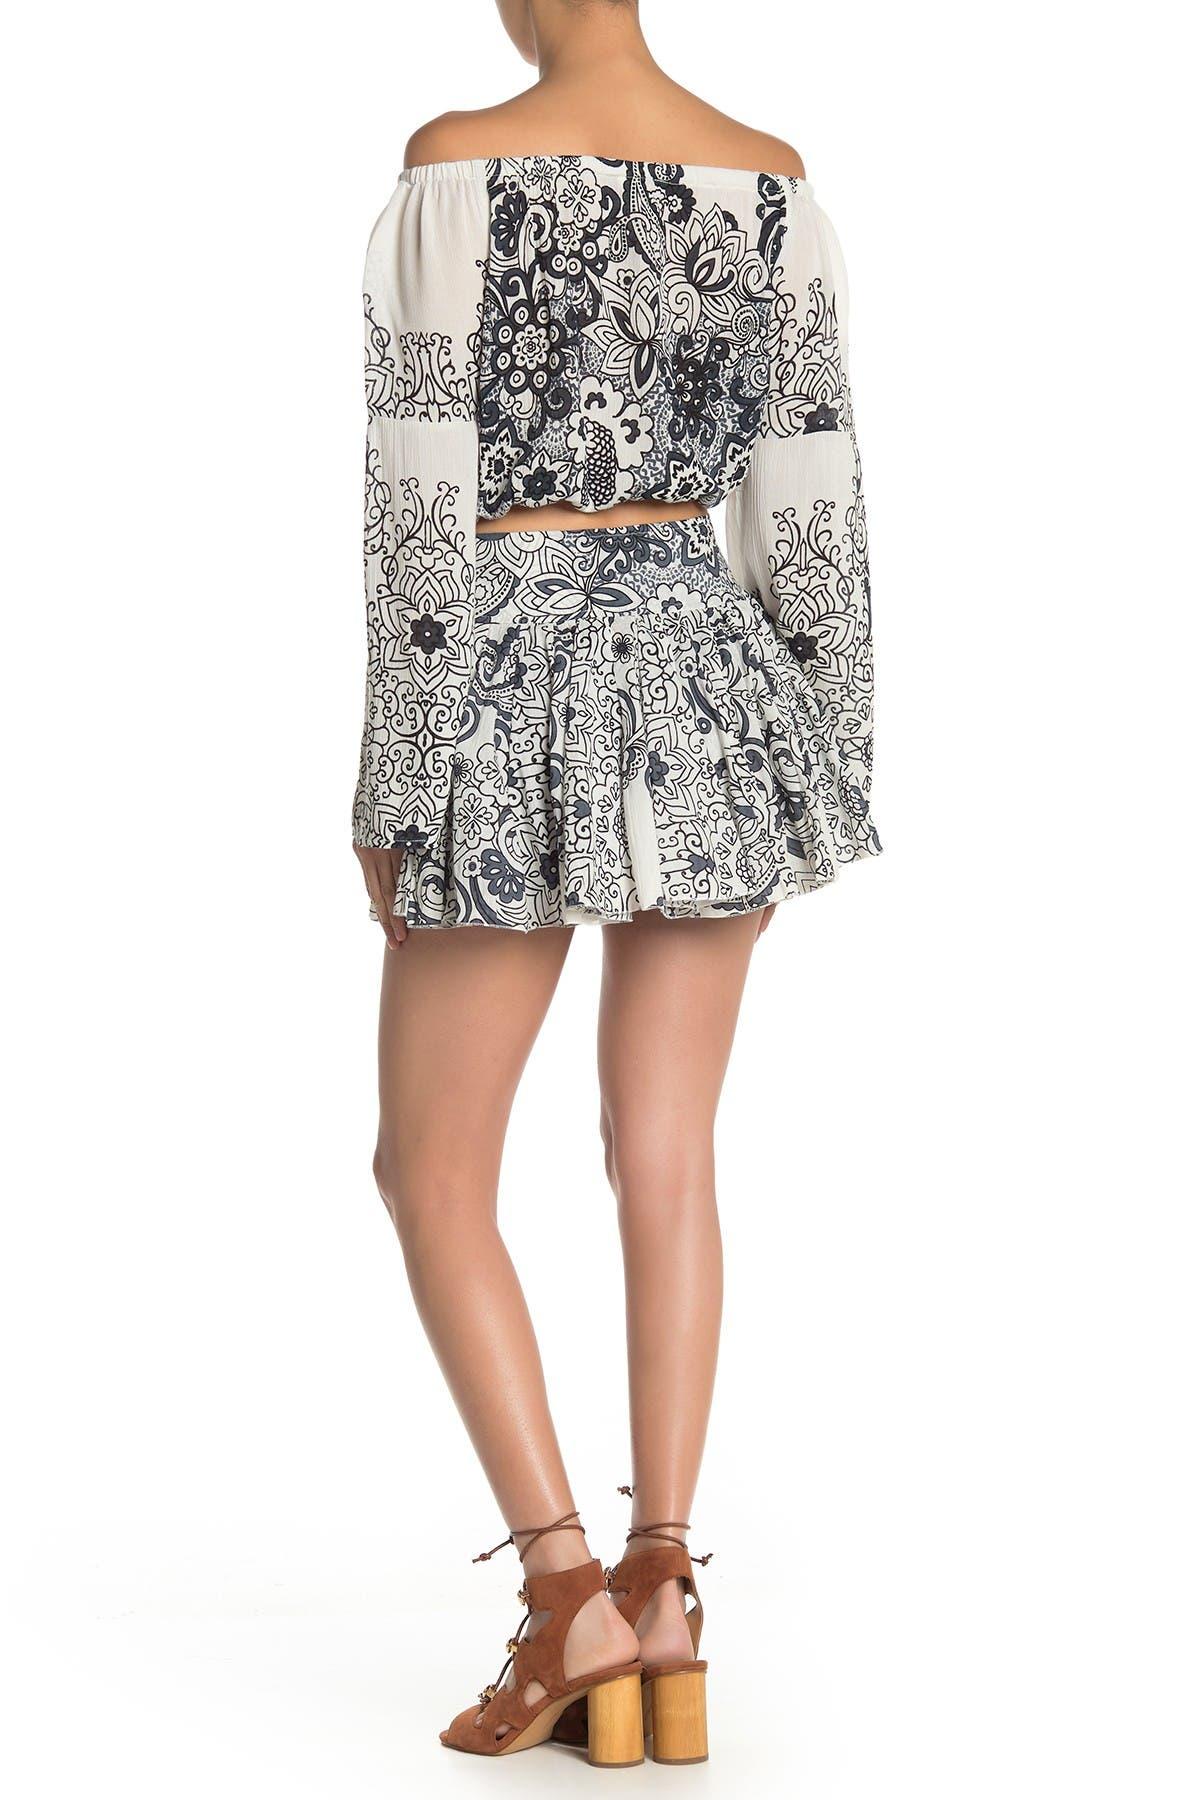 Image of RAGA Smoking Rose Ruffle Skirt